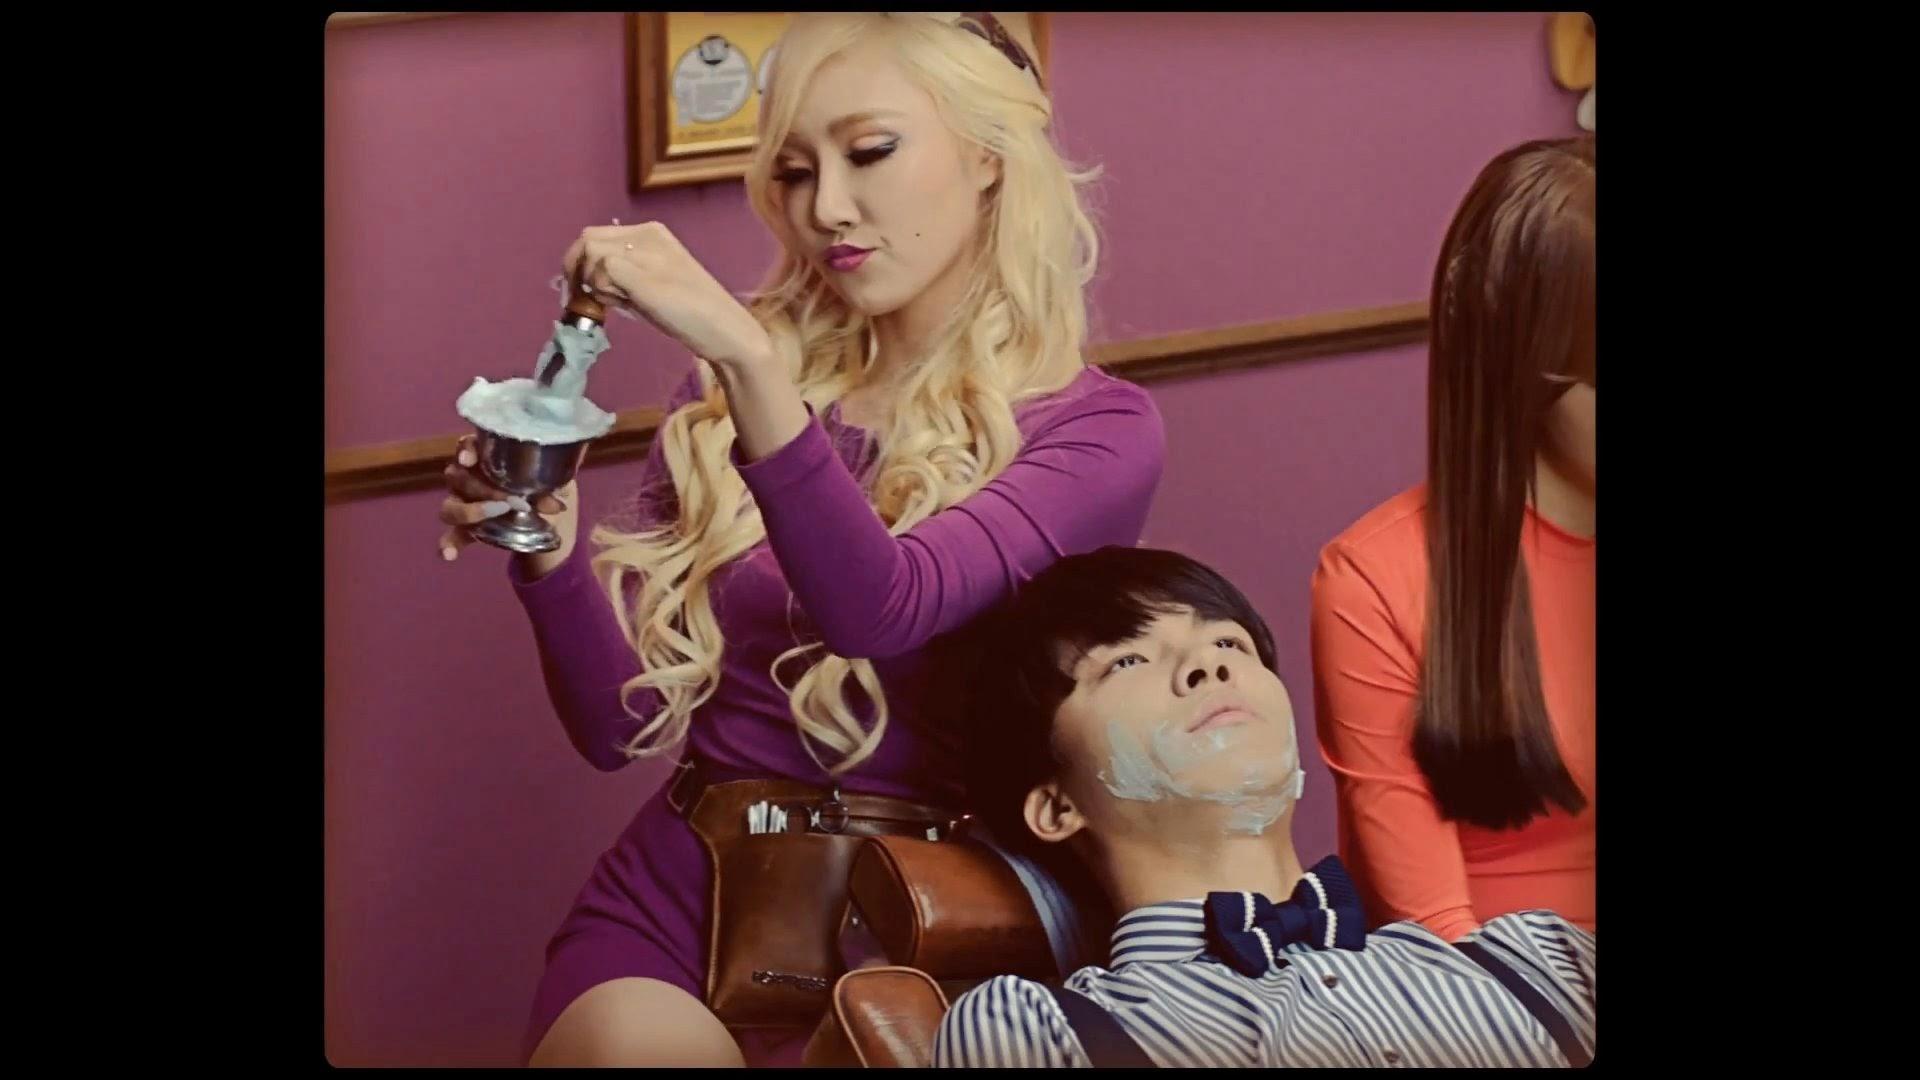 Mamamoo's Hwasa in Ahh Oop MV